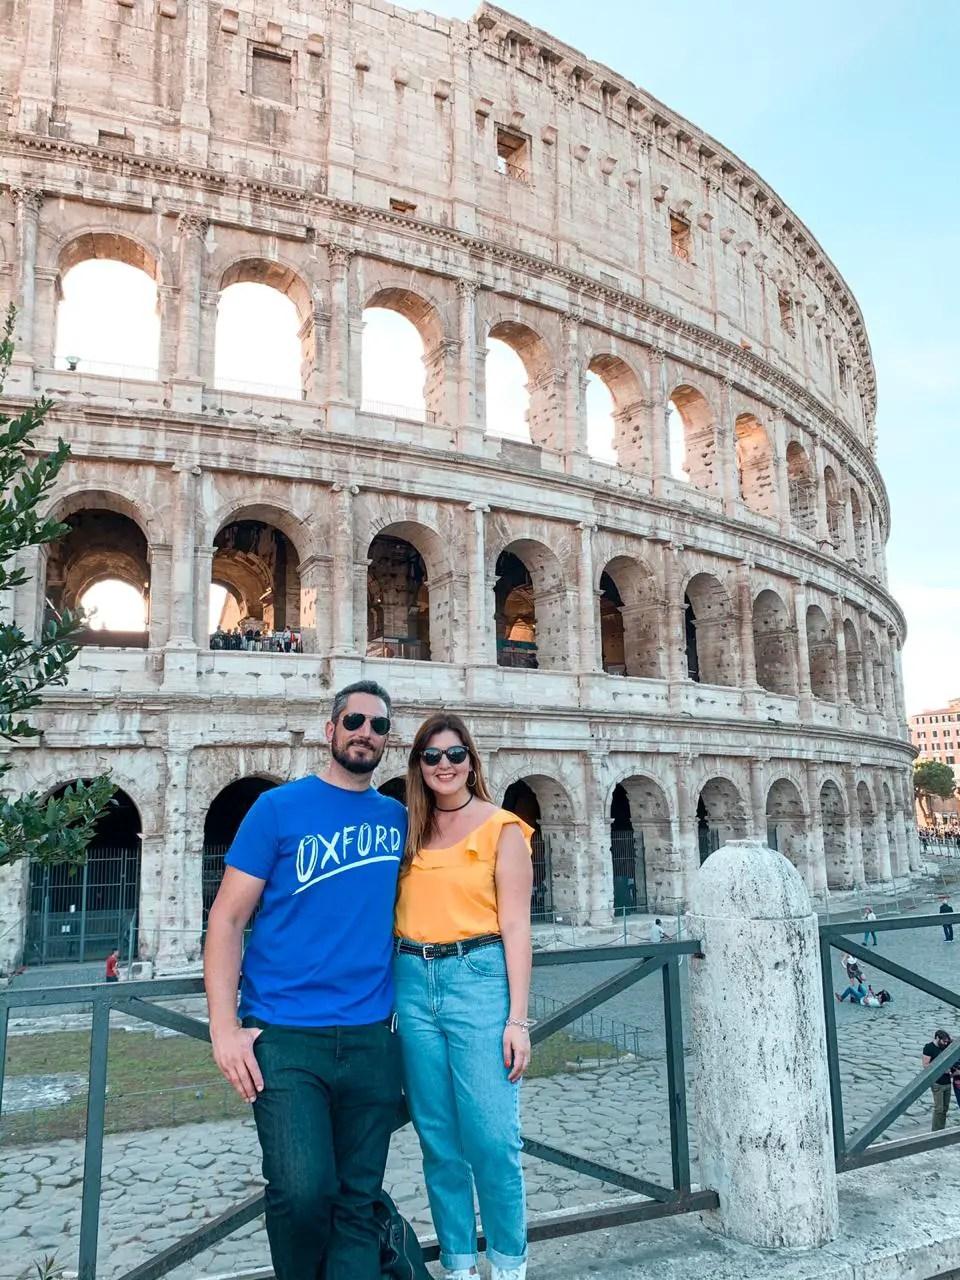 Es Parte del Viaje en el Coliseo